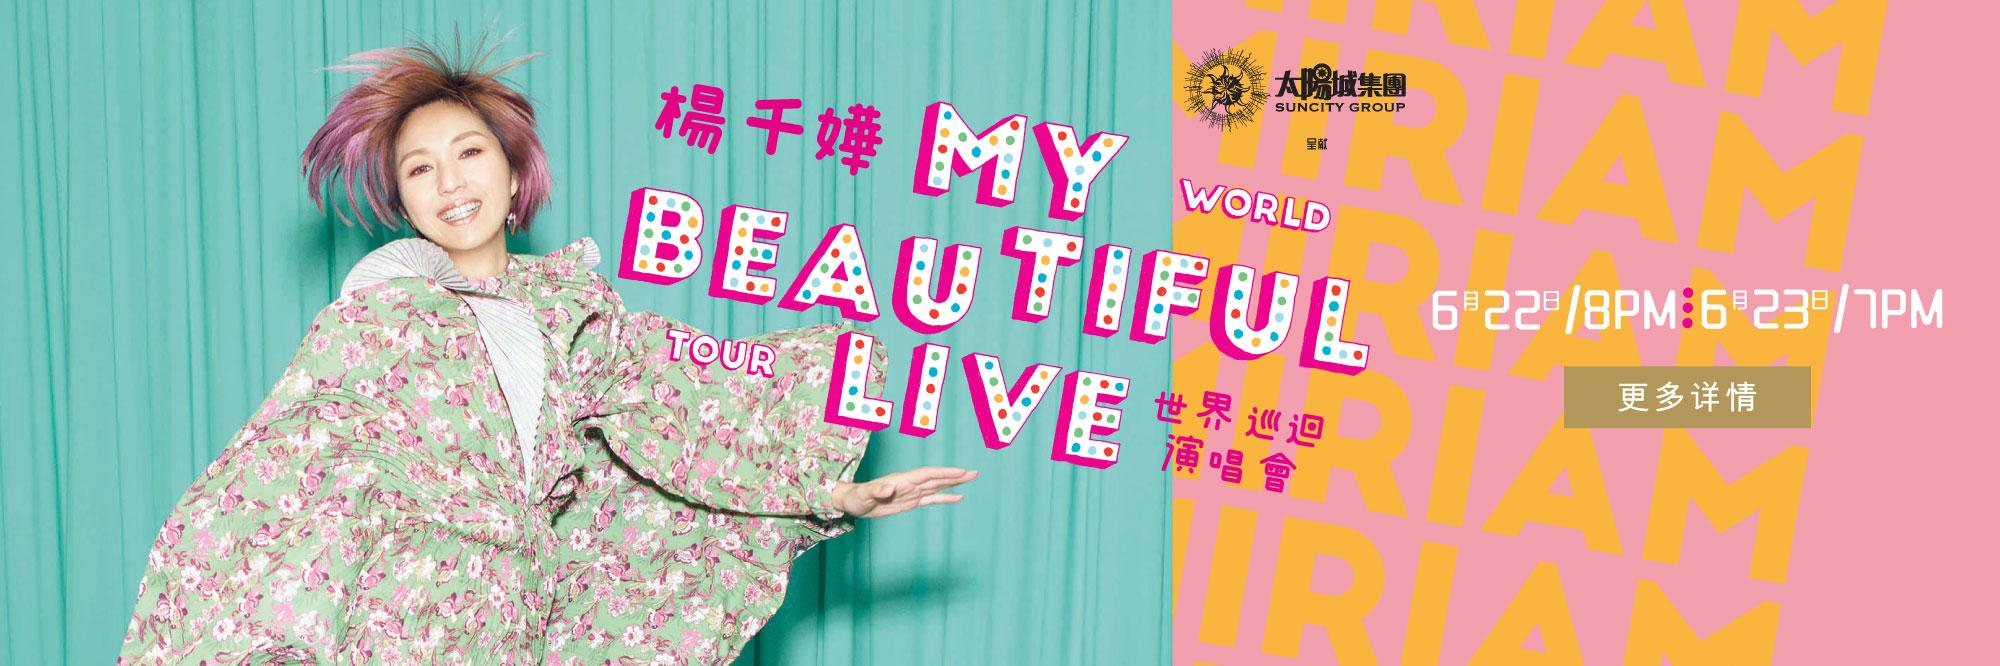 杨千嬅世界巡回演唱会澳门站